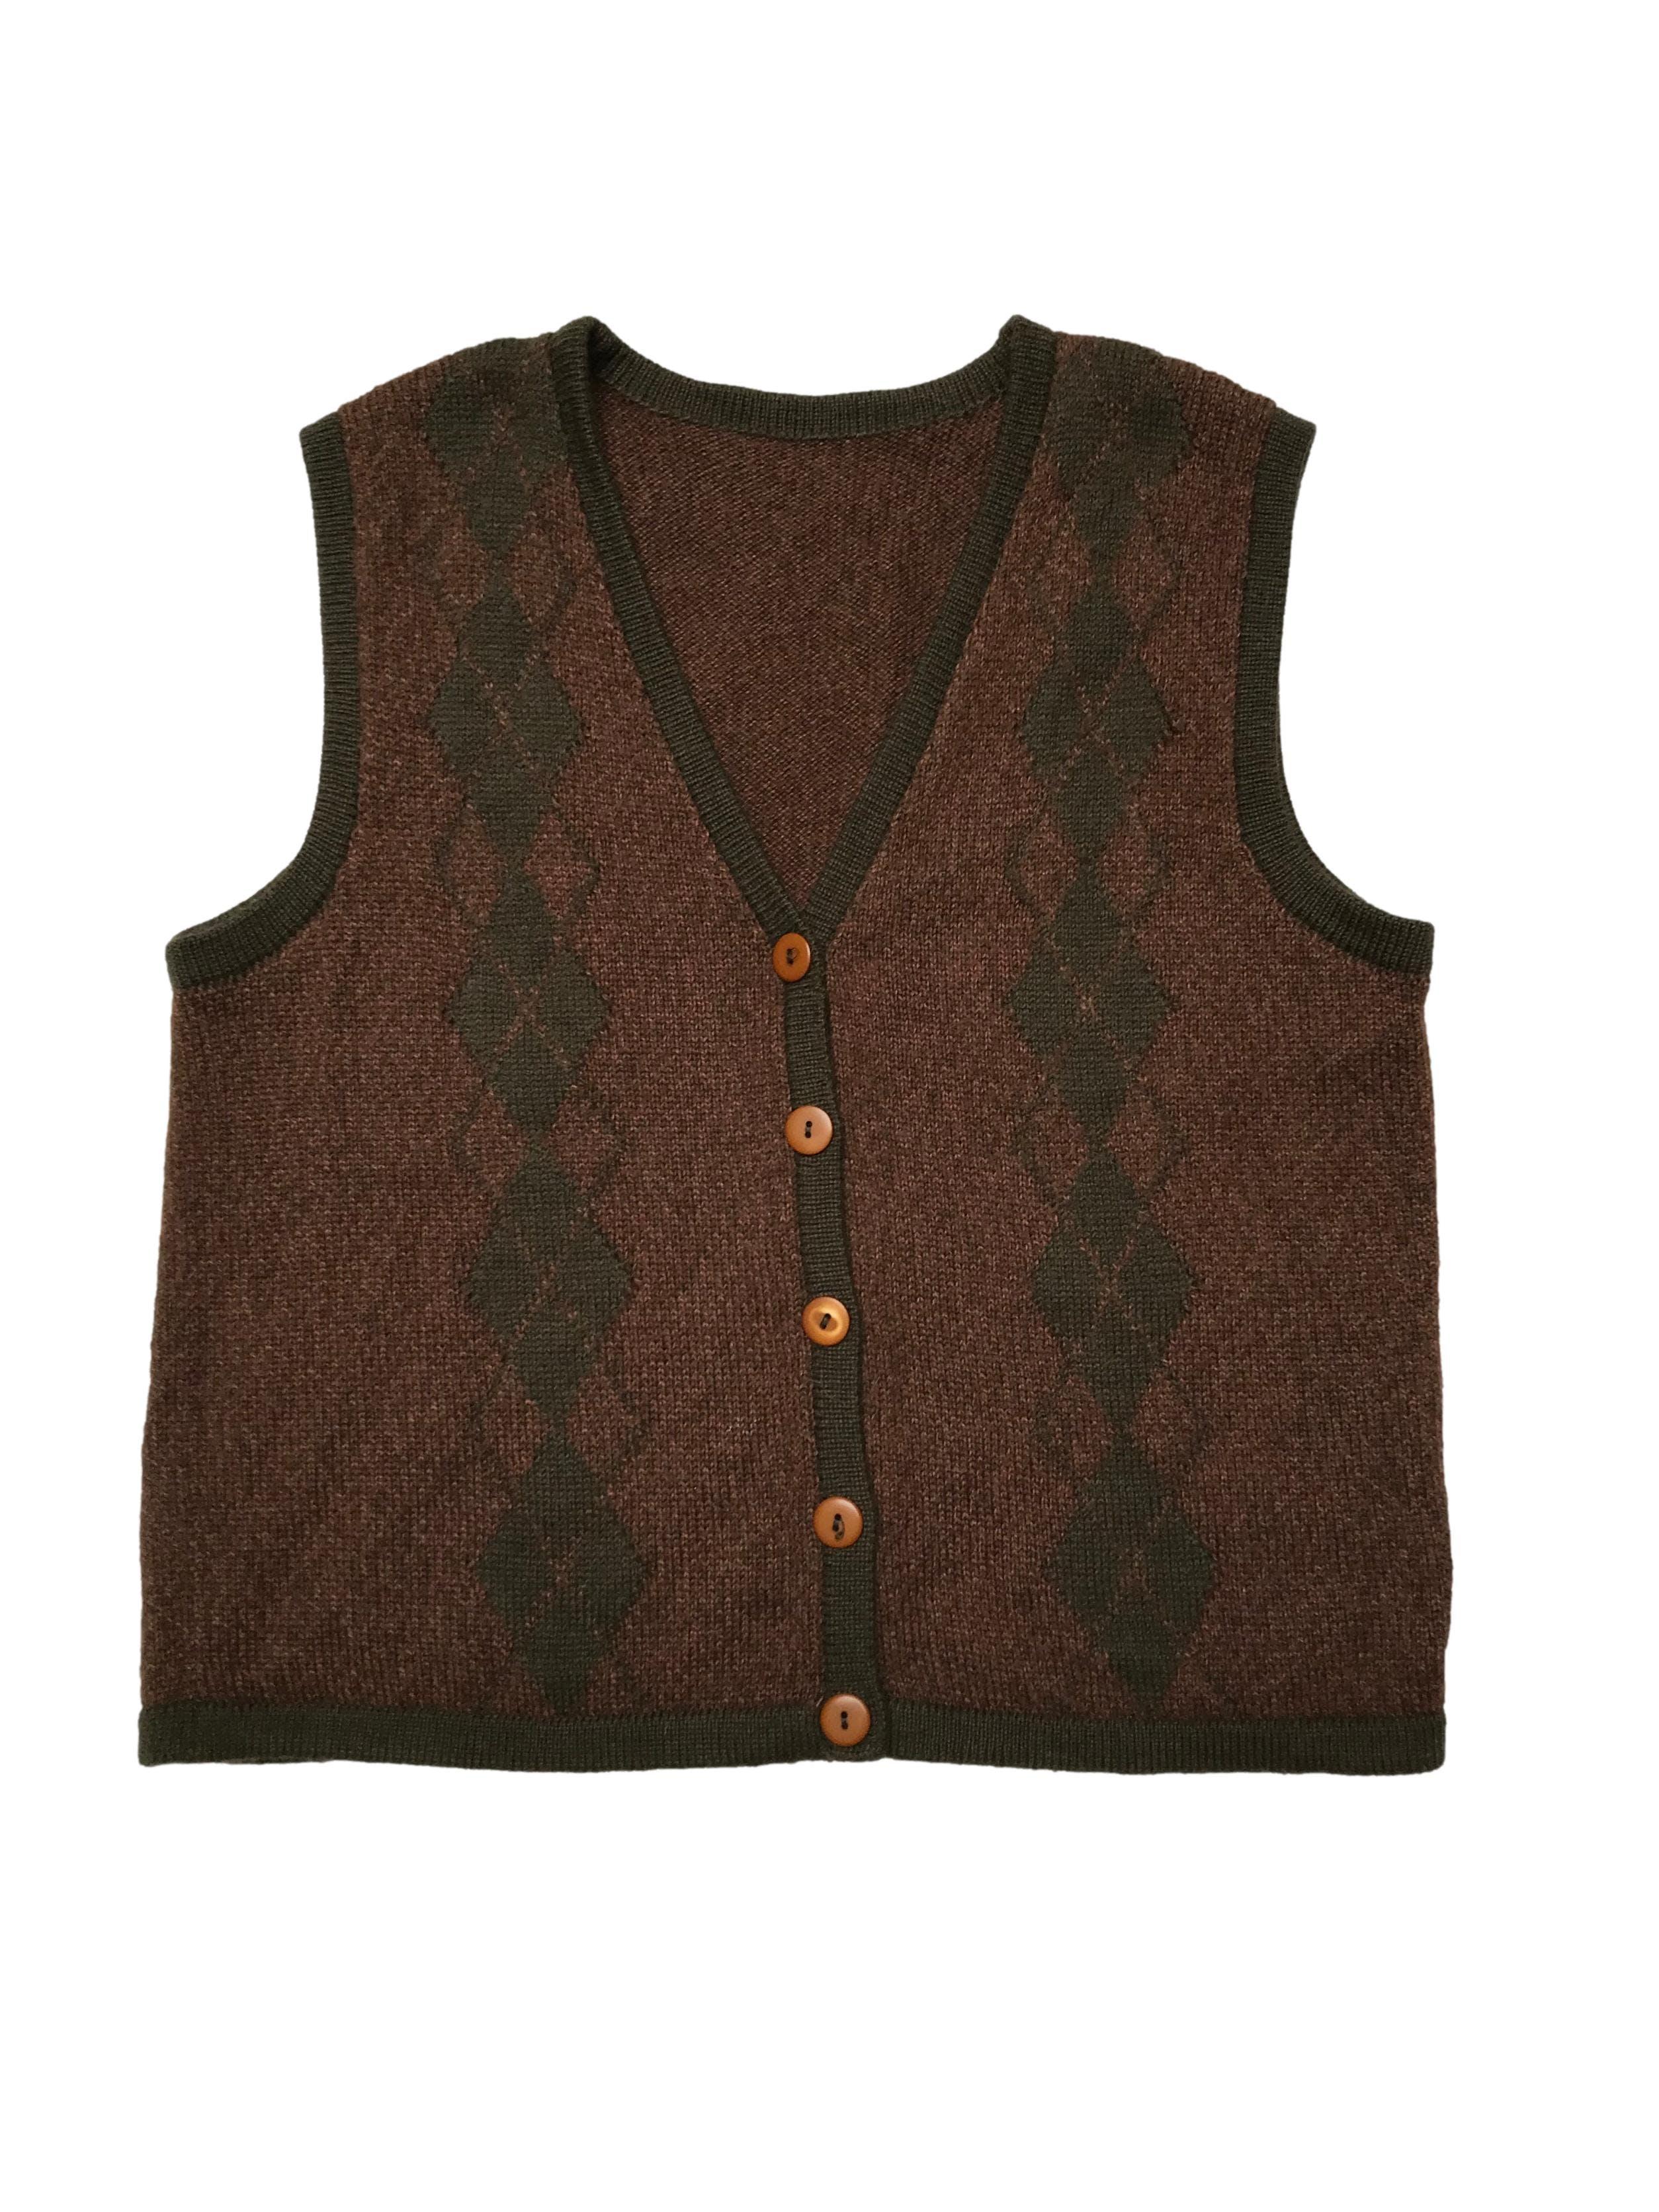 Chaleco vintage tejido marrón jaspeado con rombos y ribetes verdes, cierre con botones. Ancho 104cm Largo 55cm